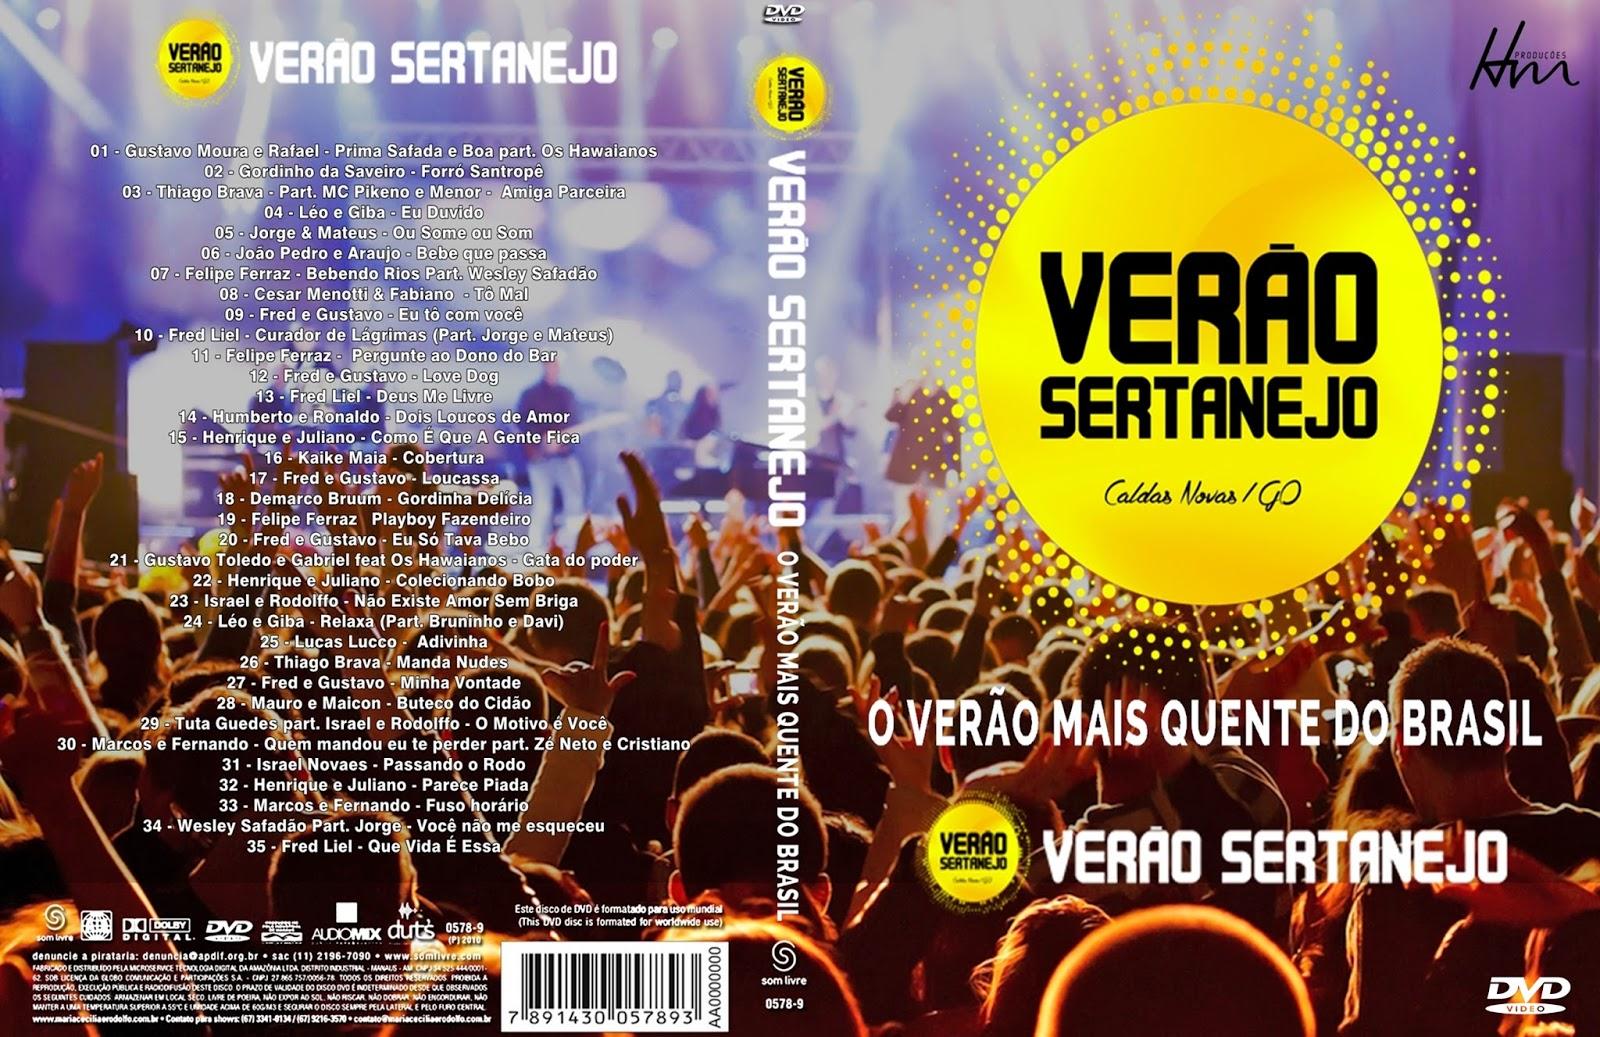 Download Verão Sertanejo DVD-R Ver 25C3 25A3o 2BSertanejo 2BDVD R 2BXANDAODOWNLOAD